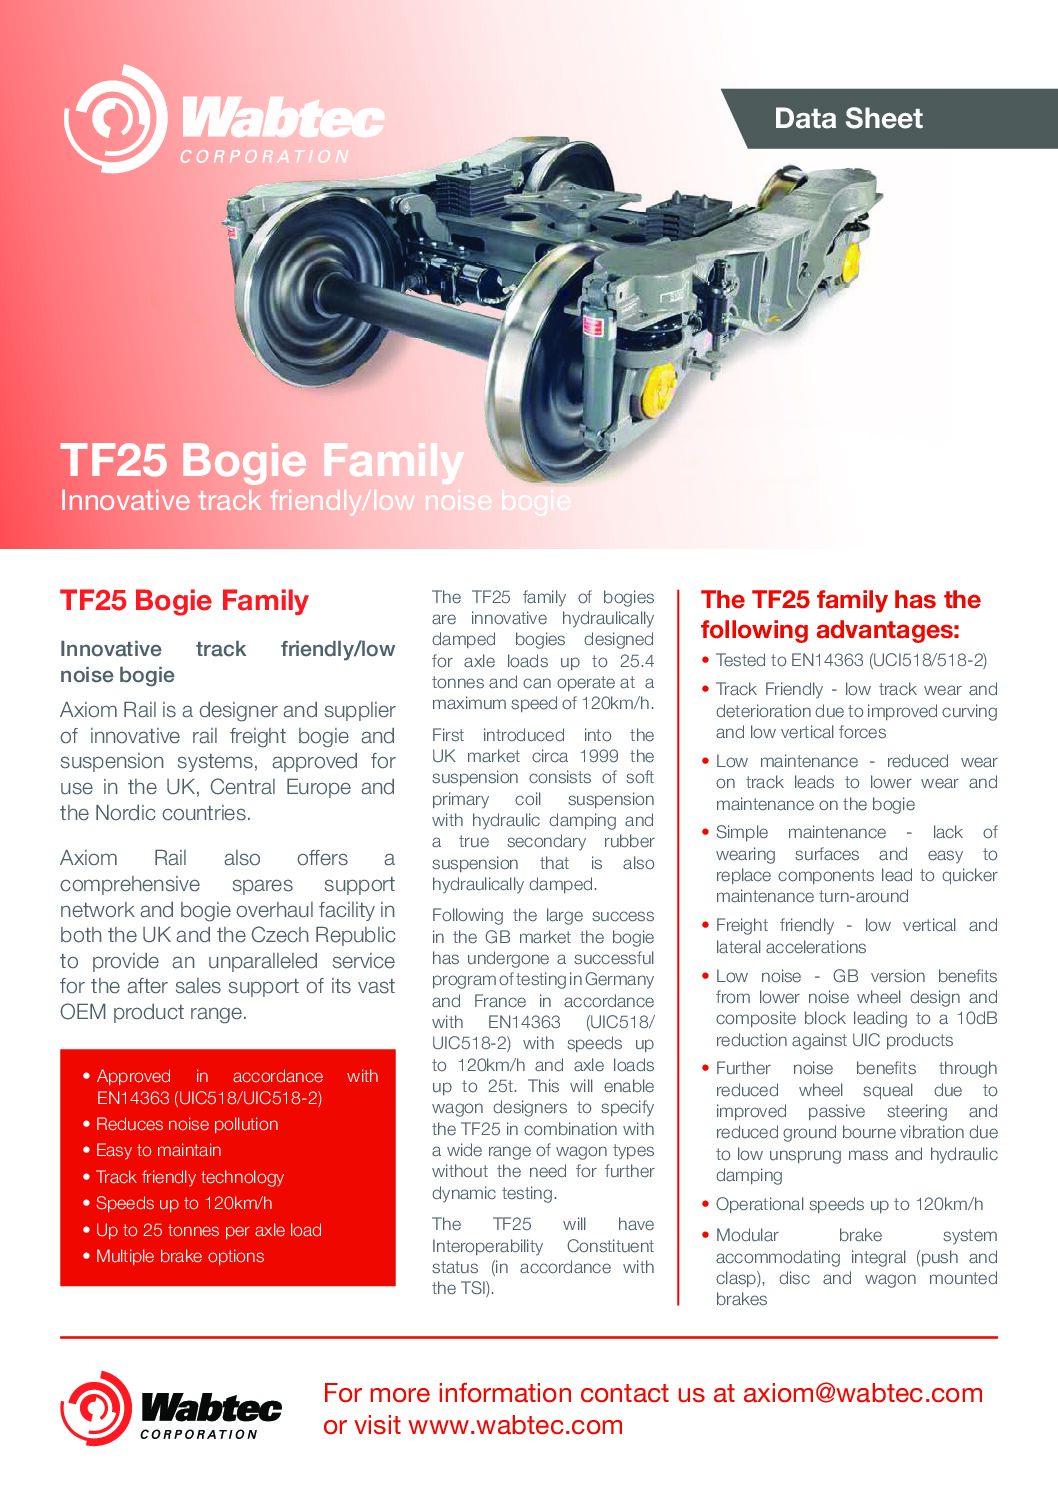 Wabtec Axiom TF25 Bogie Family